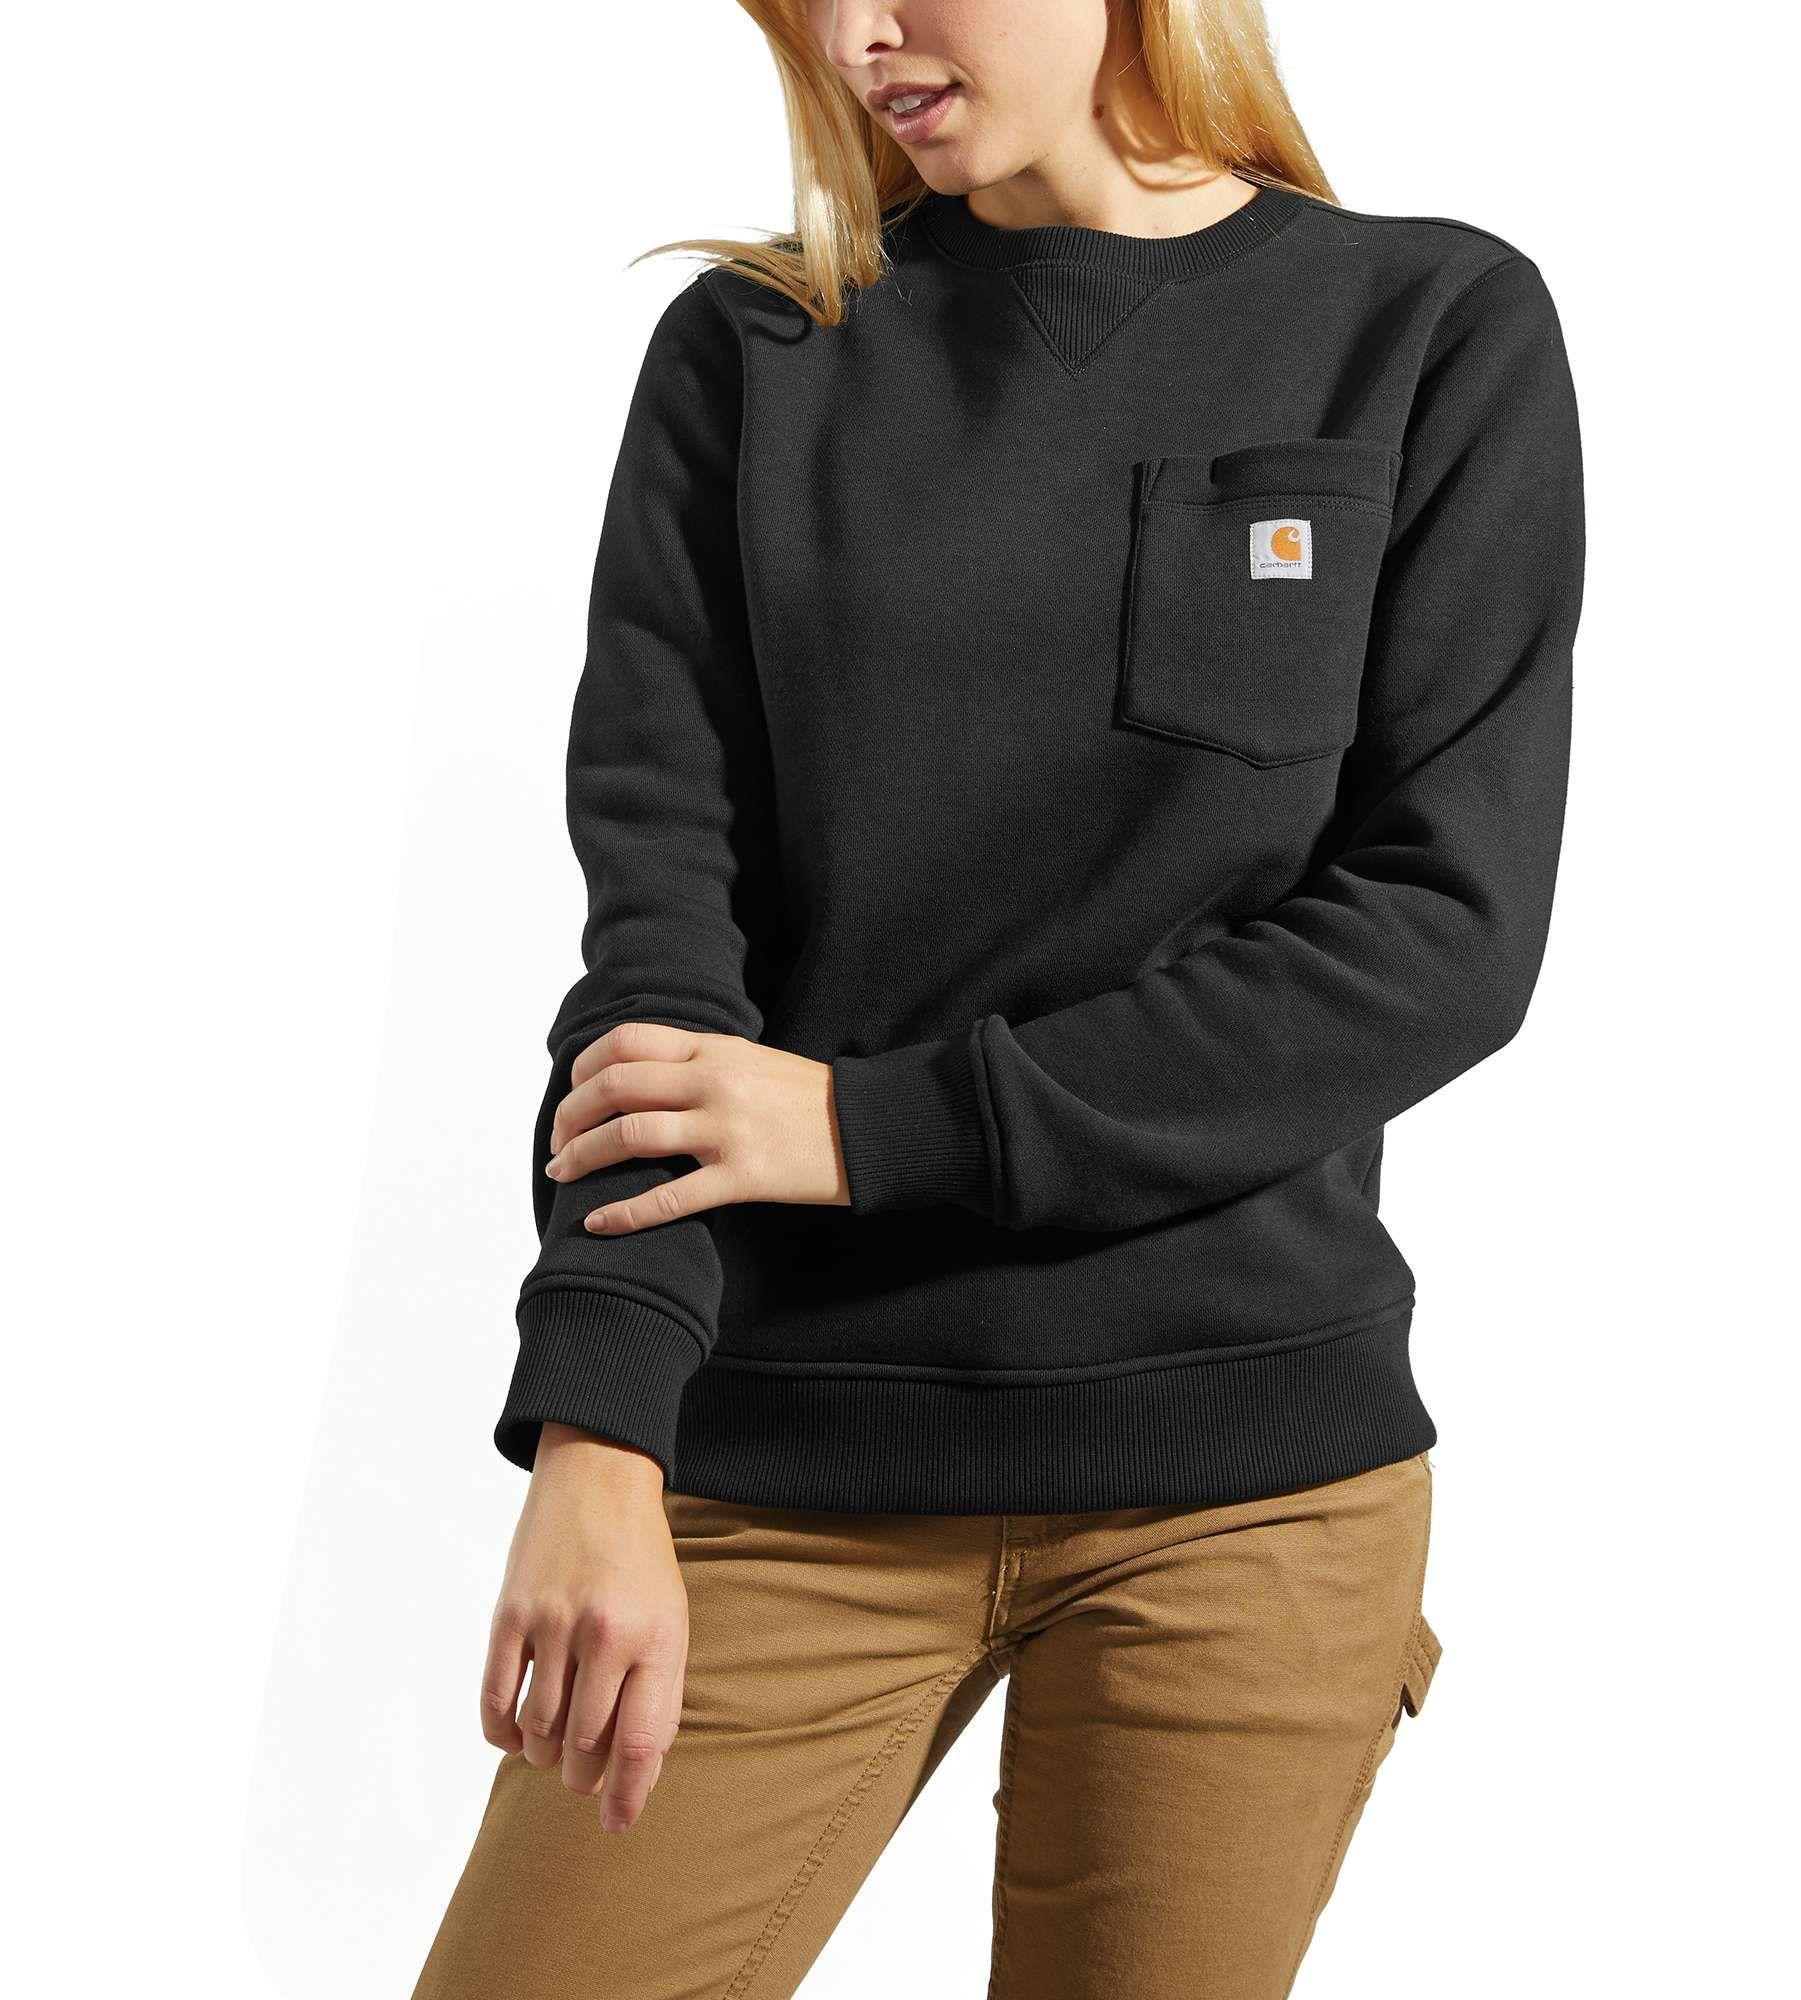 Carhartt Clarksburg Crewneck Pocket Sweatshirt Black 2xl Sweatshirts Women Pocket Sweatshirt Sweatshirts [ 2000 x 1801 Pixel ]